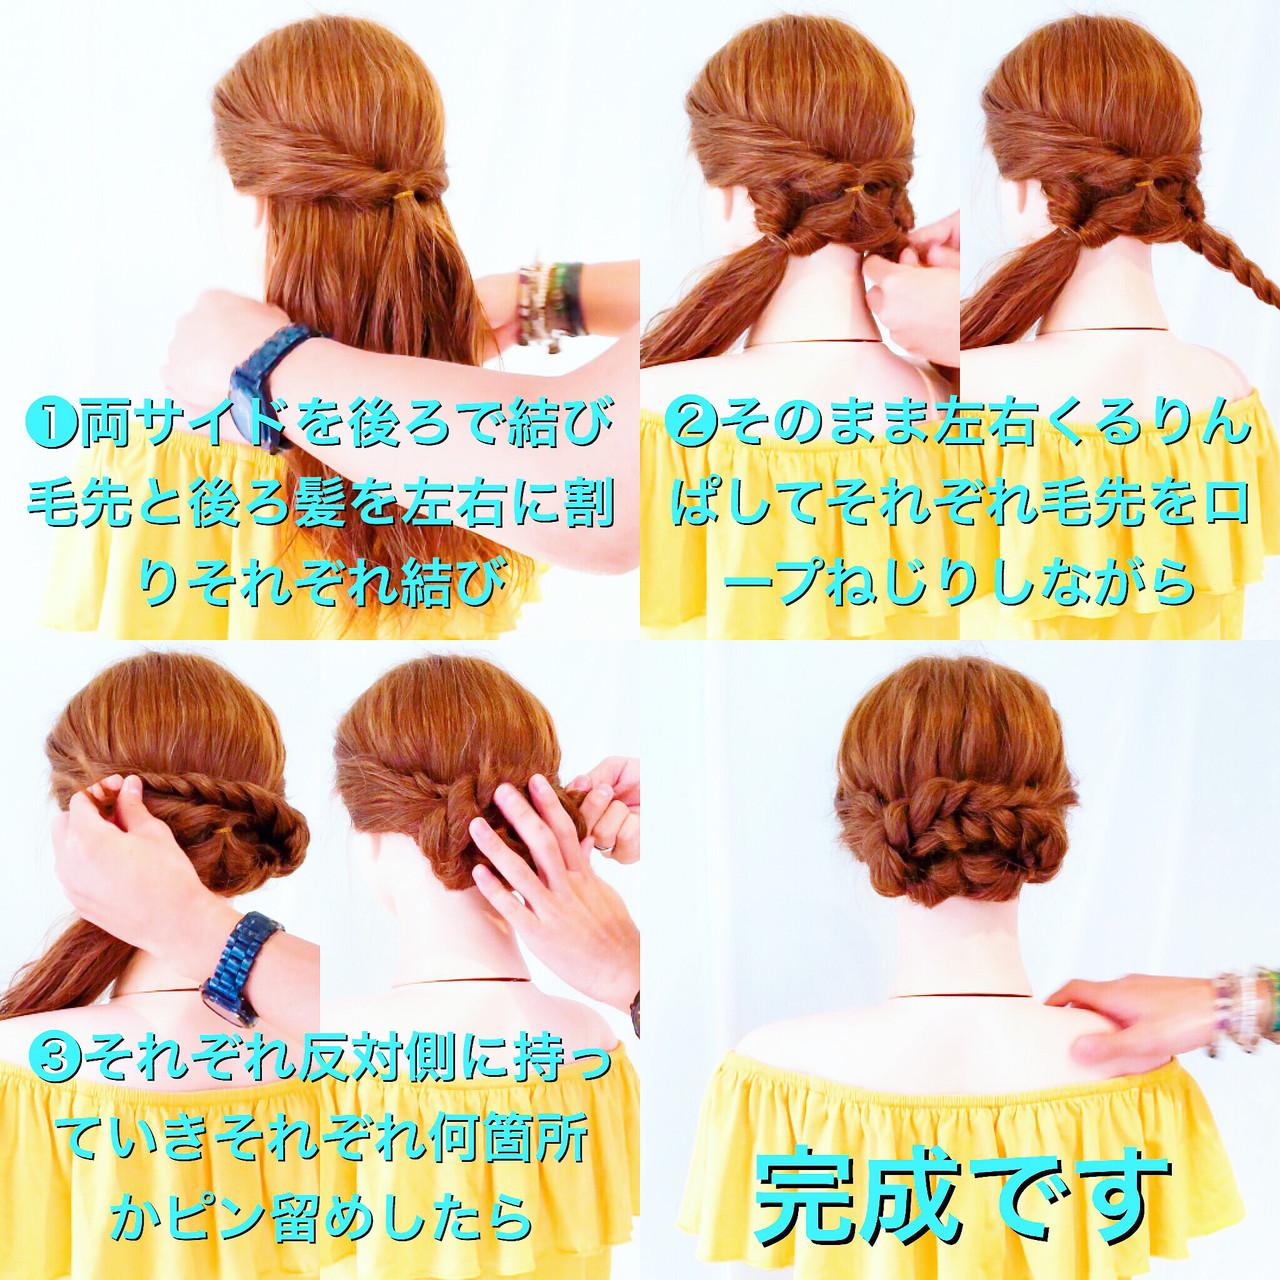 アップスタイル ロング 簡単ヘアアレンジ エレガント ヘアスタイルや髪型の写真・画像